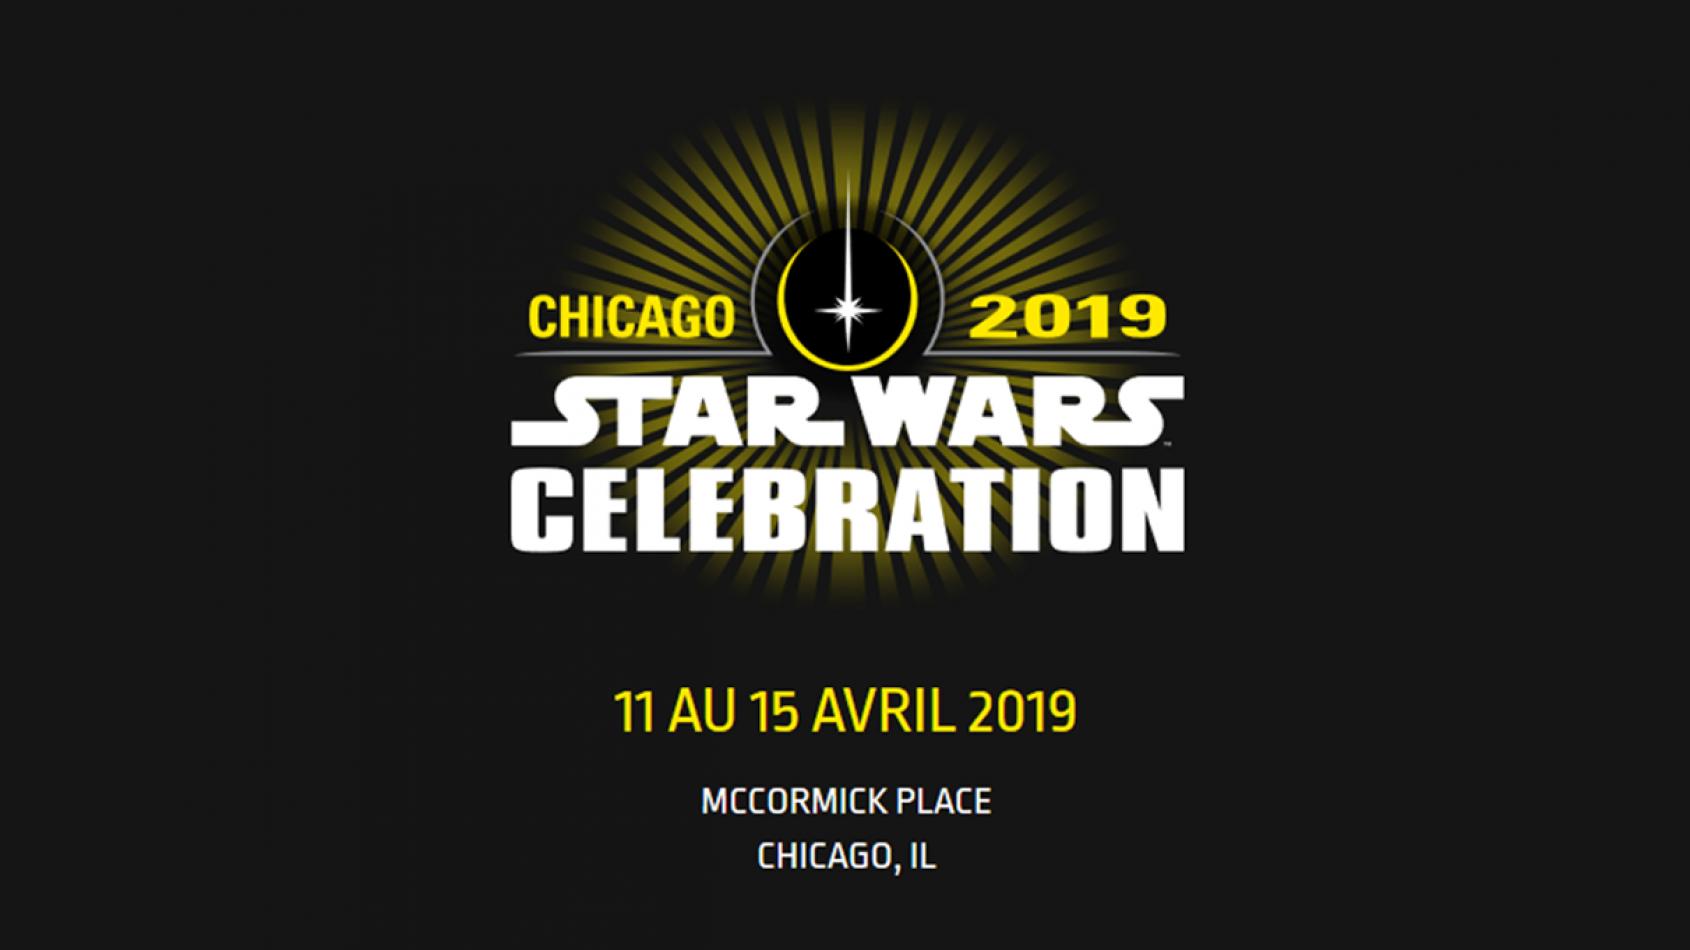 La Star Wars Celebration 2019 aura lieu à Chicago